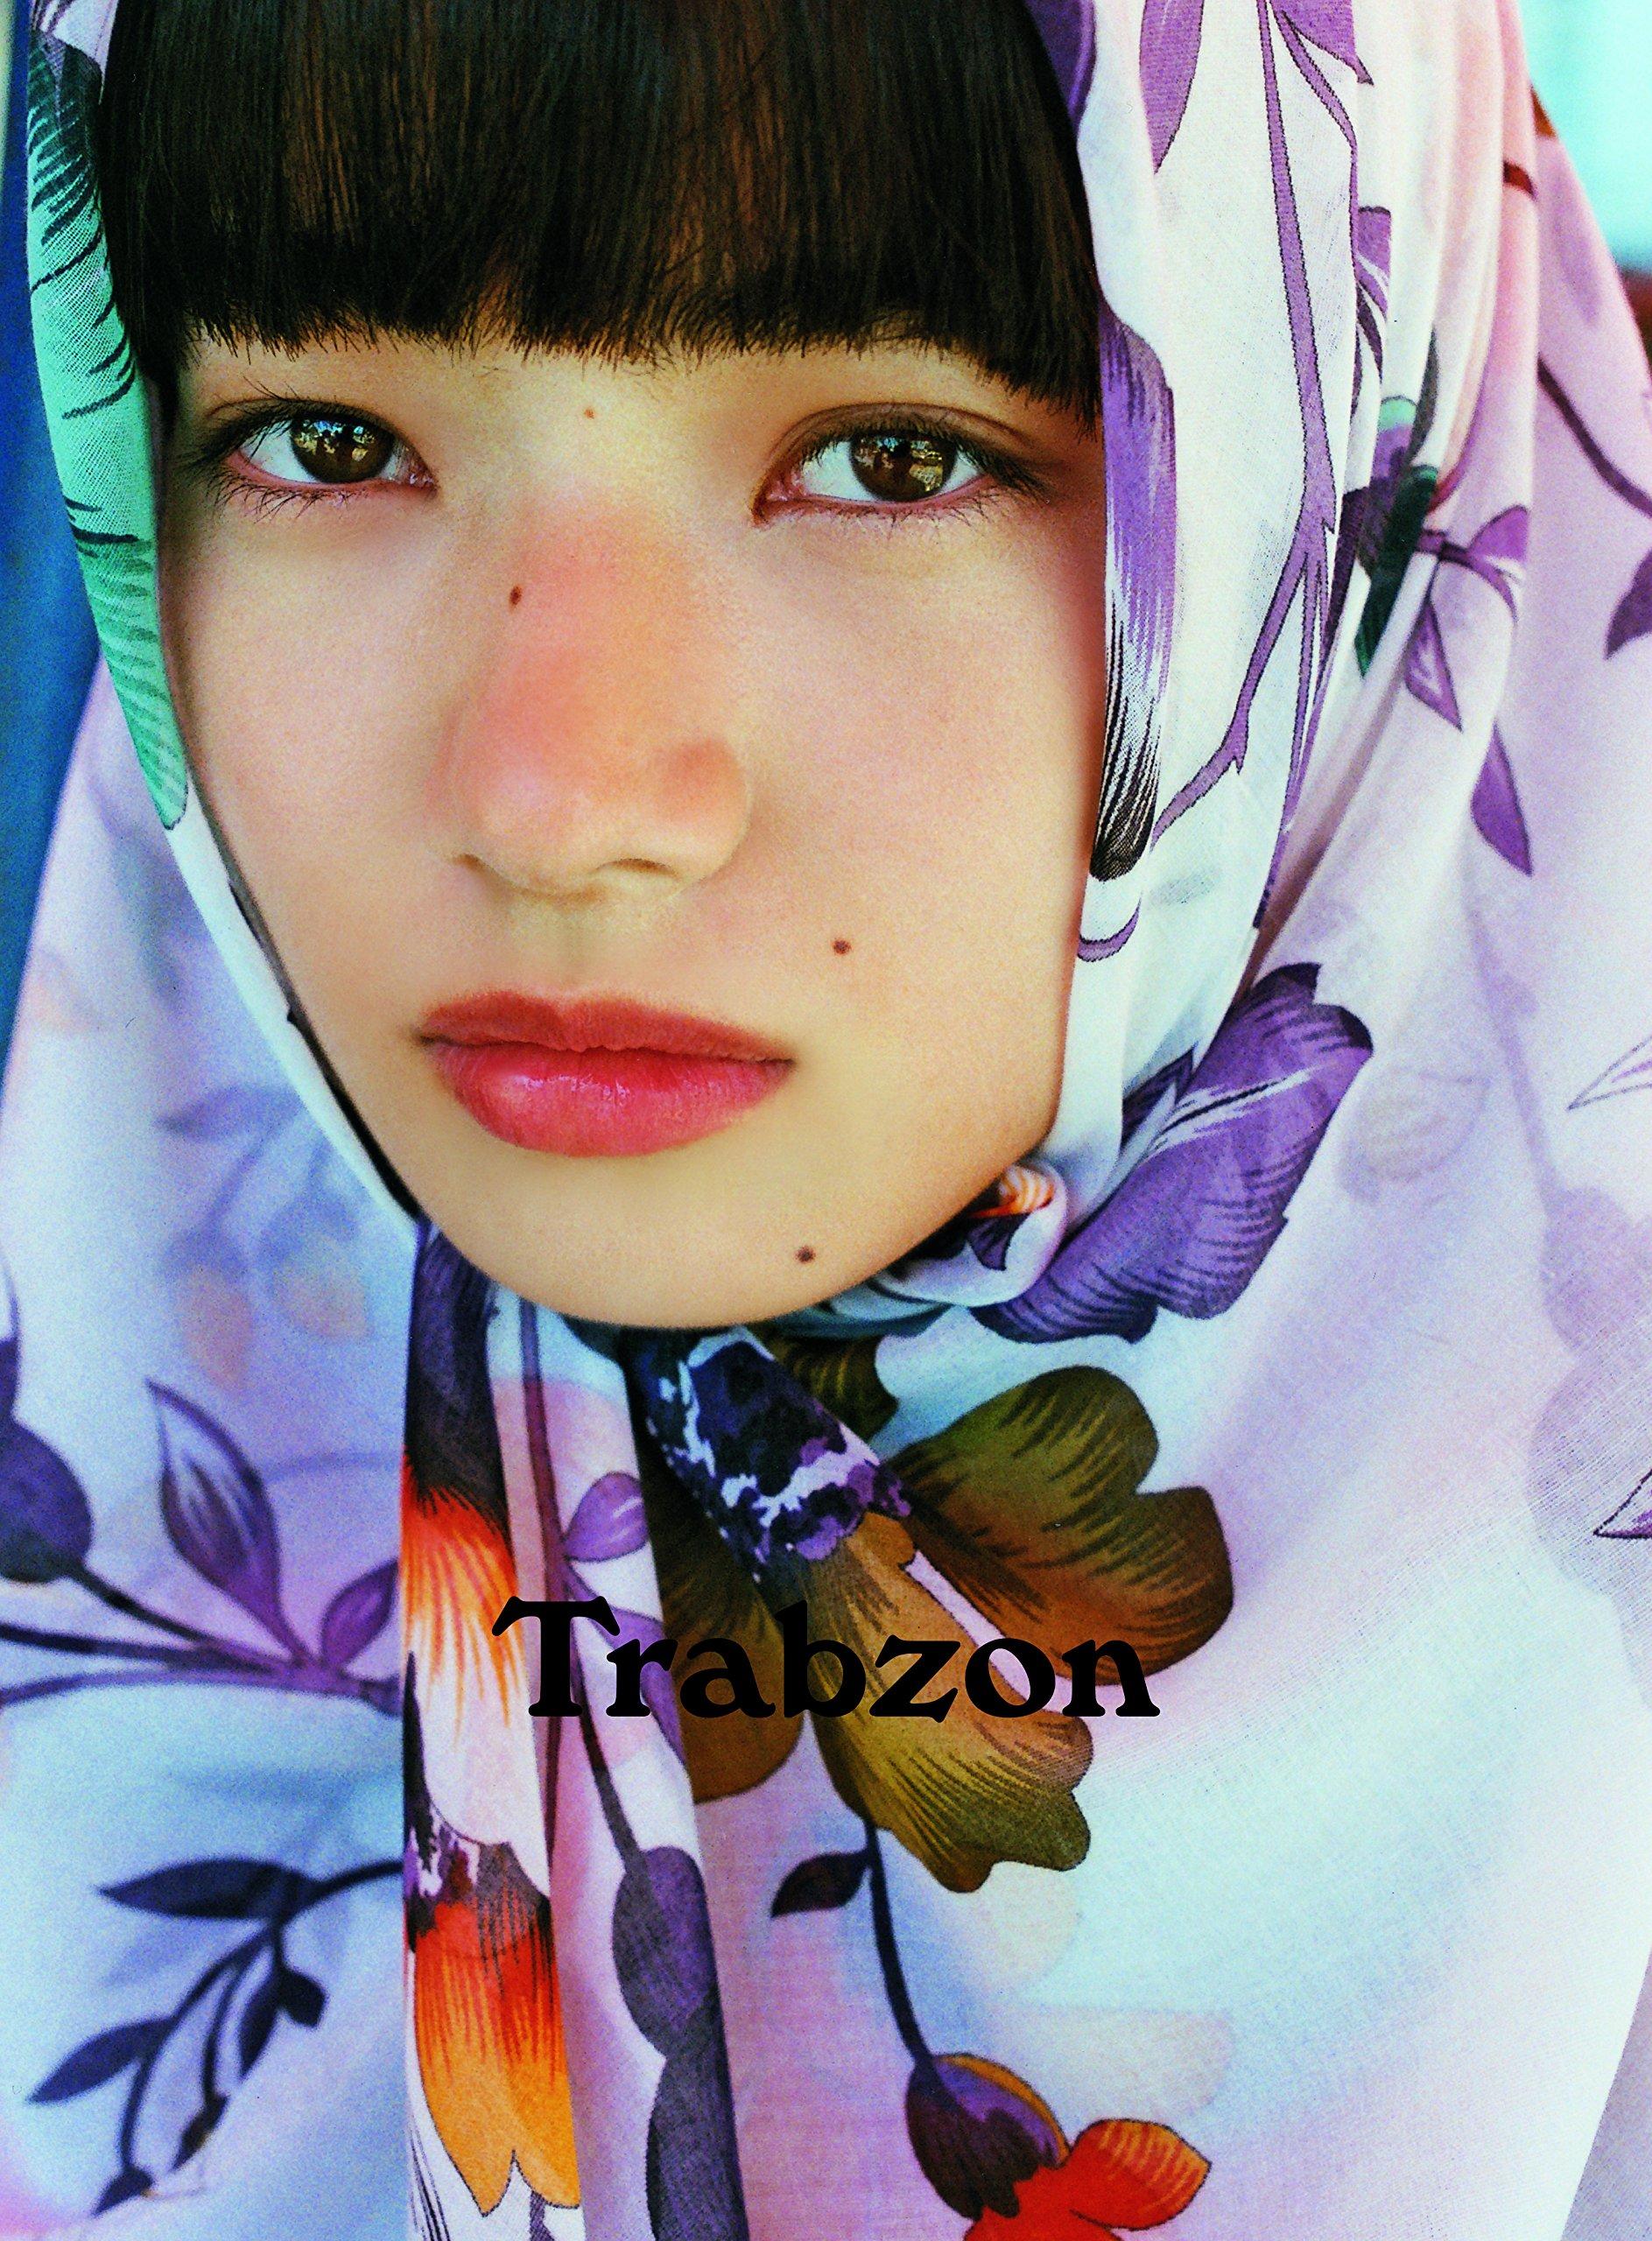 小松菜奈1st写真集「Trabzon」